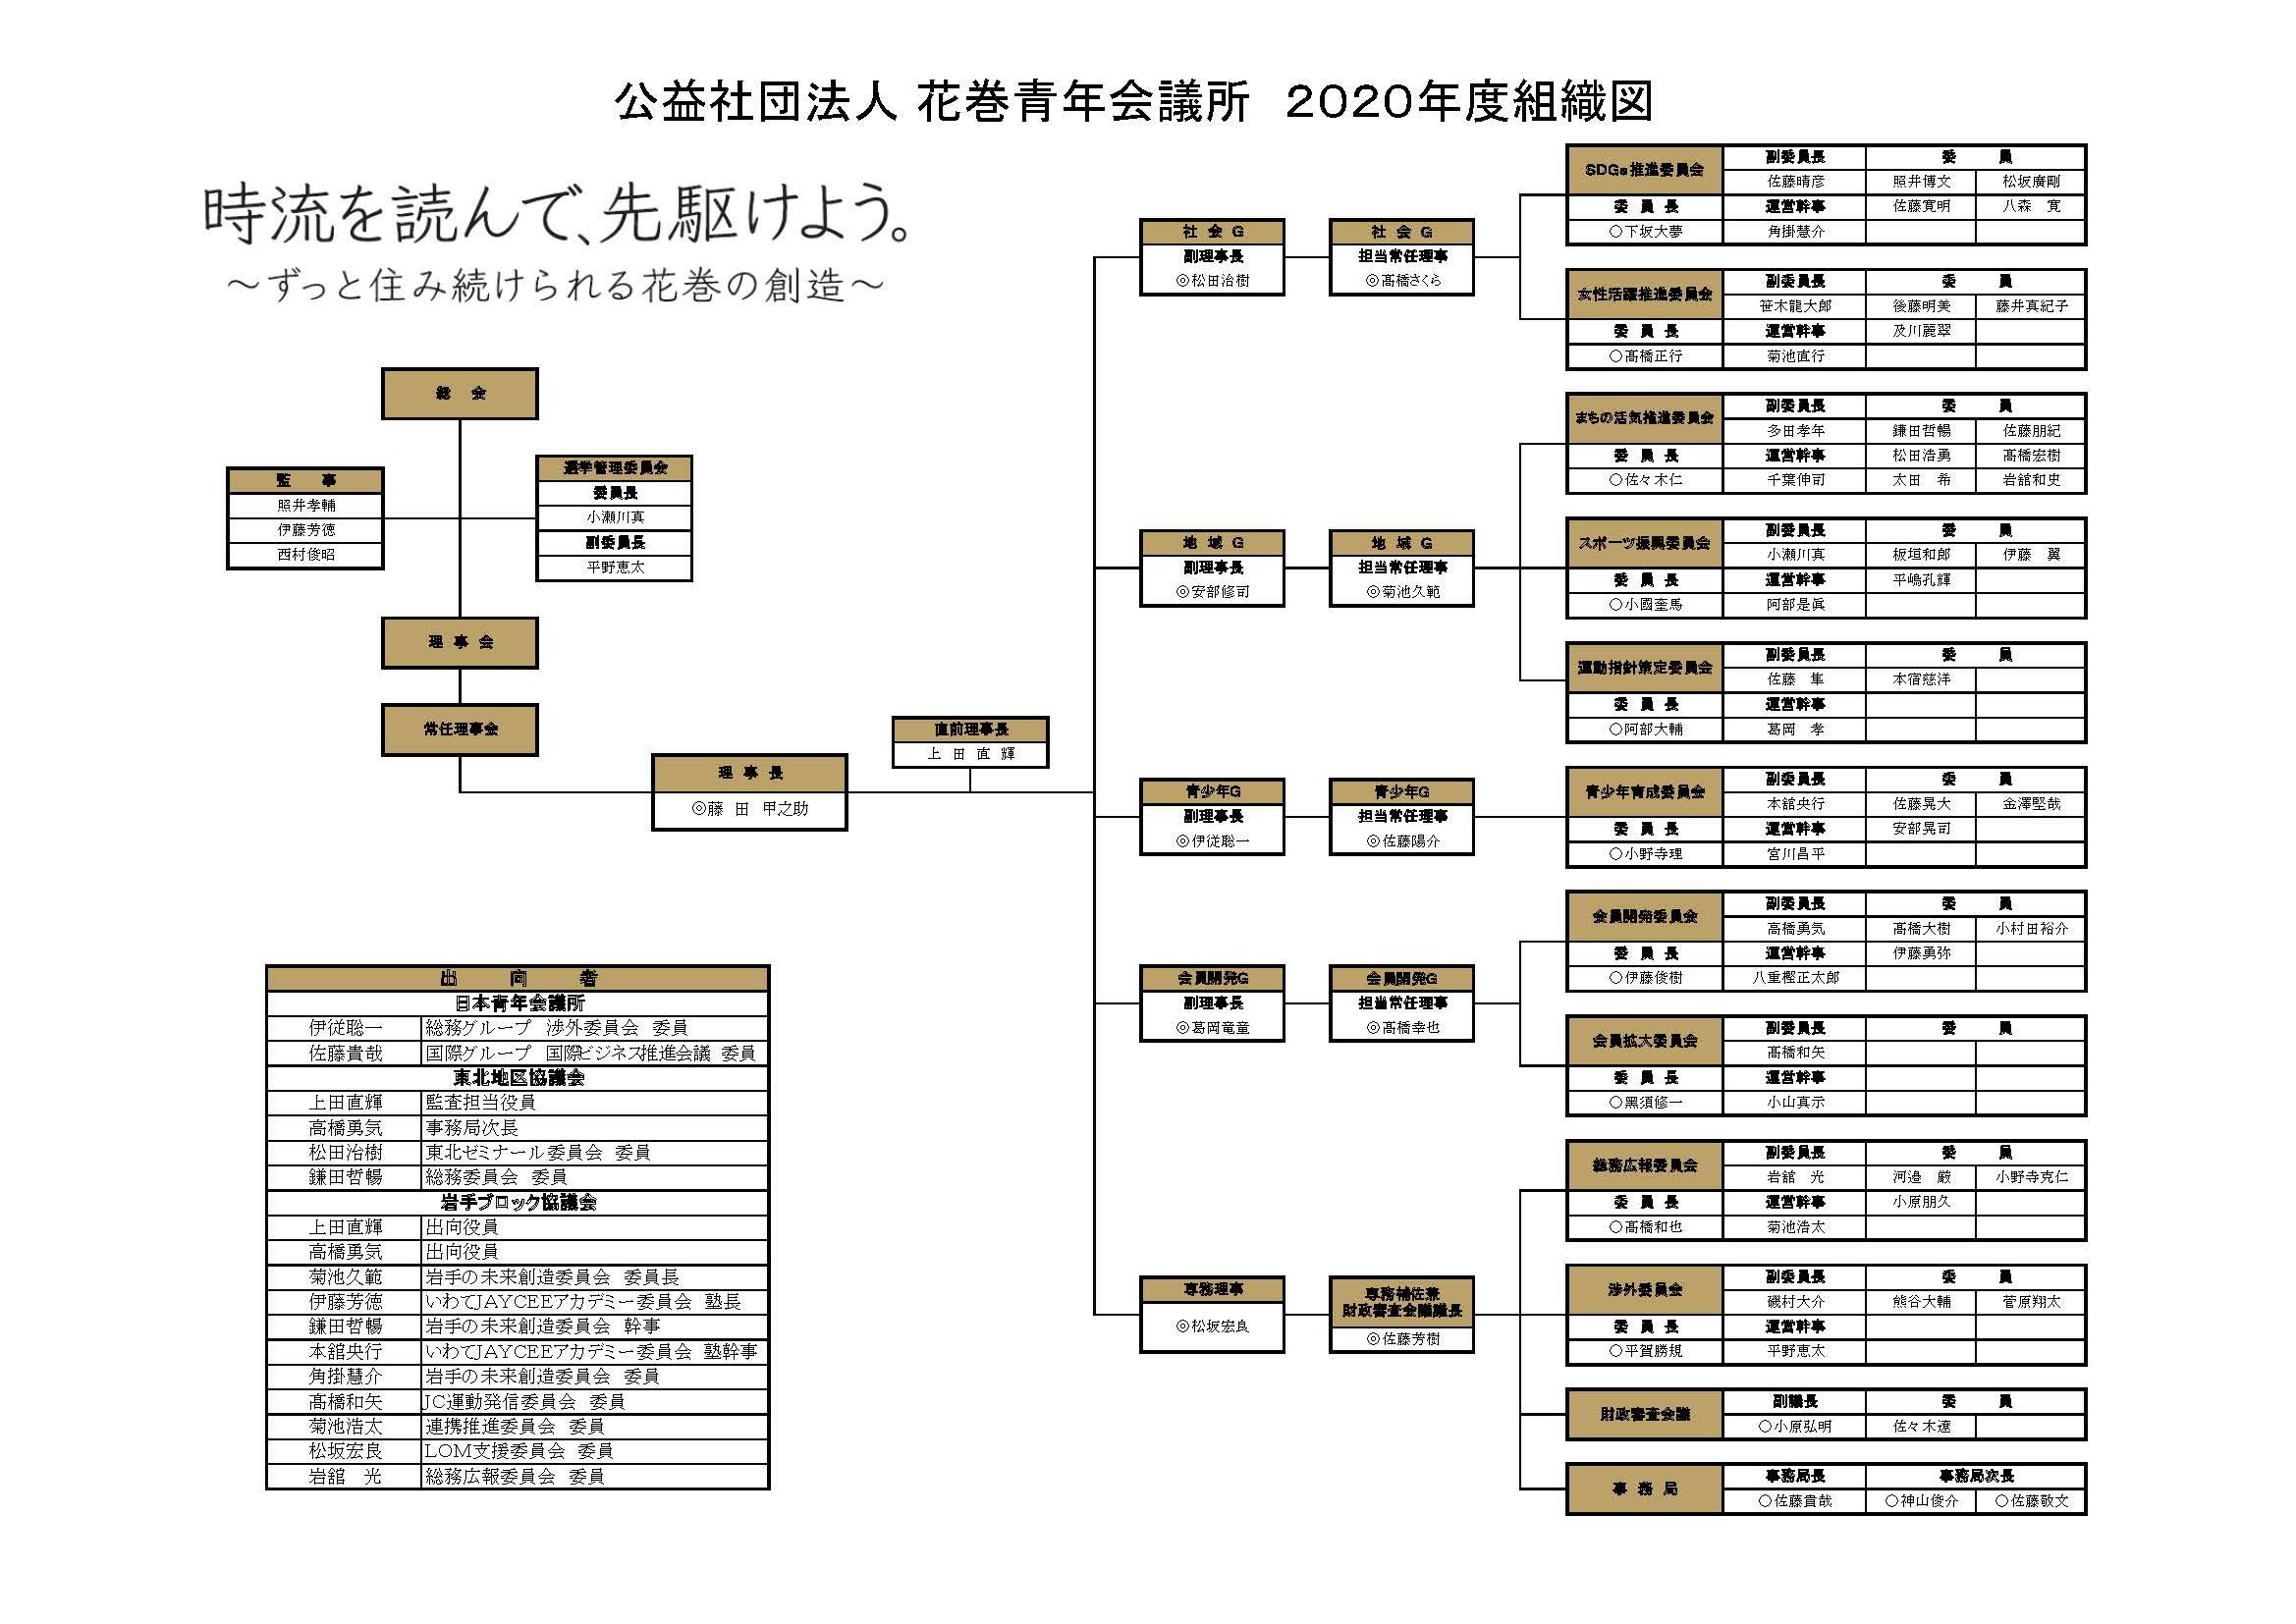 2020年度 組織図